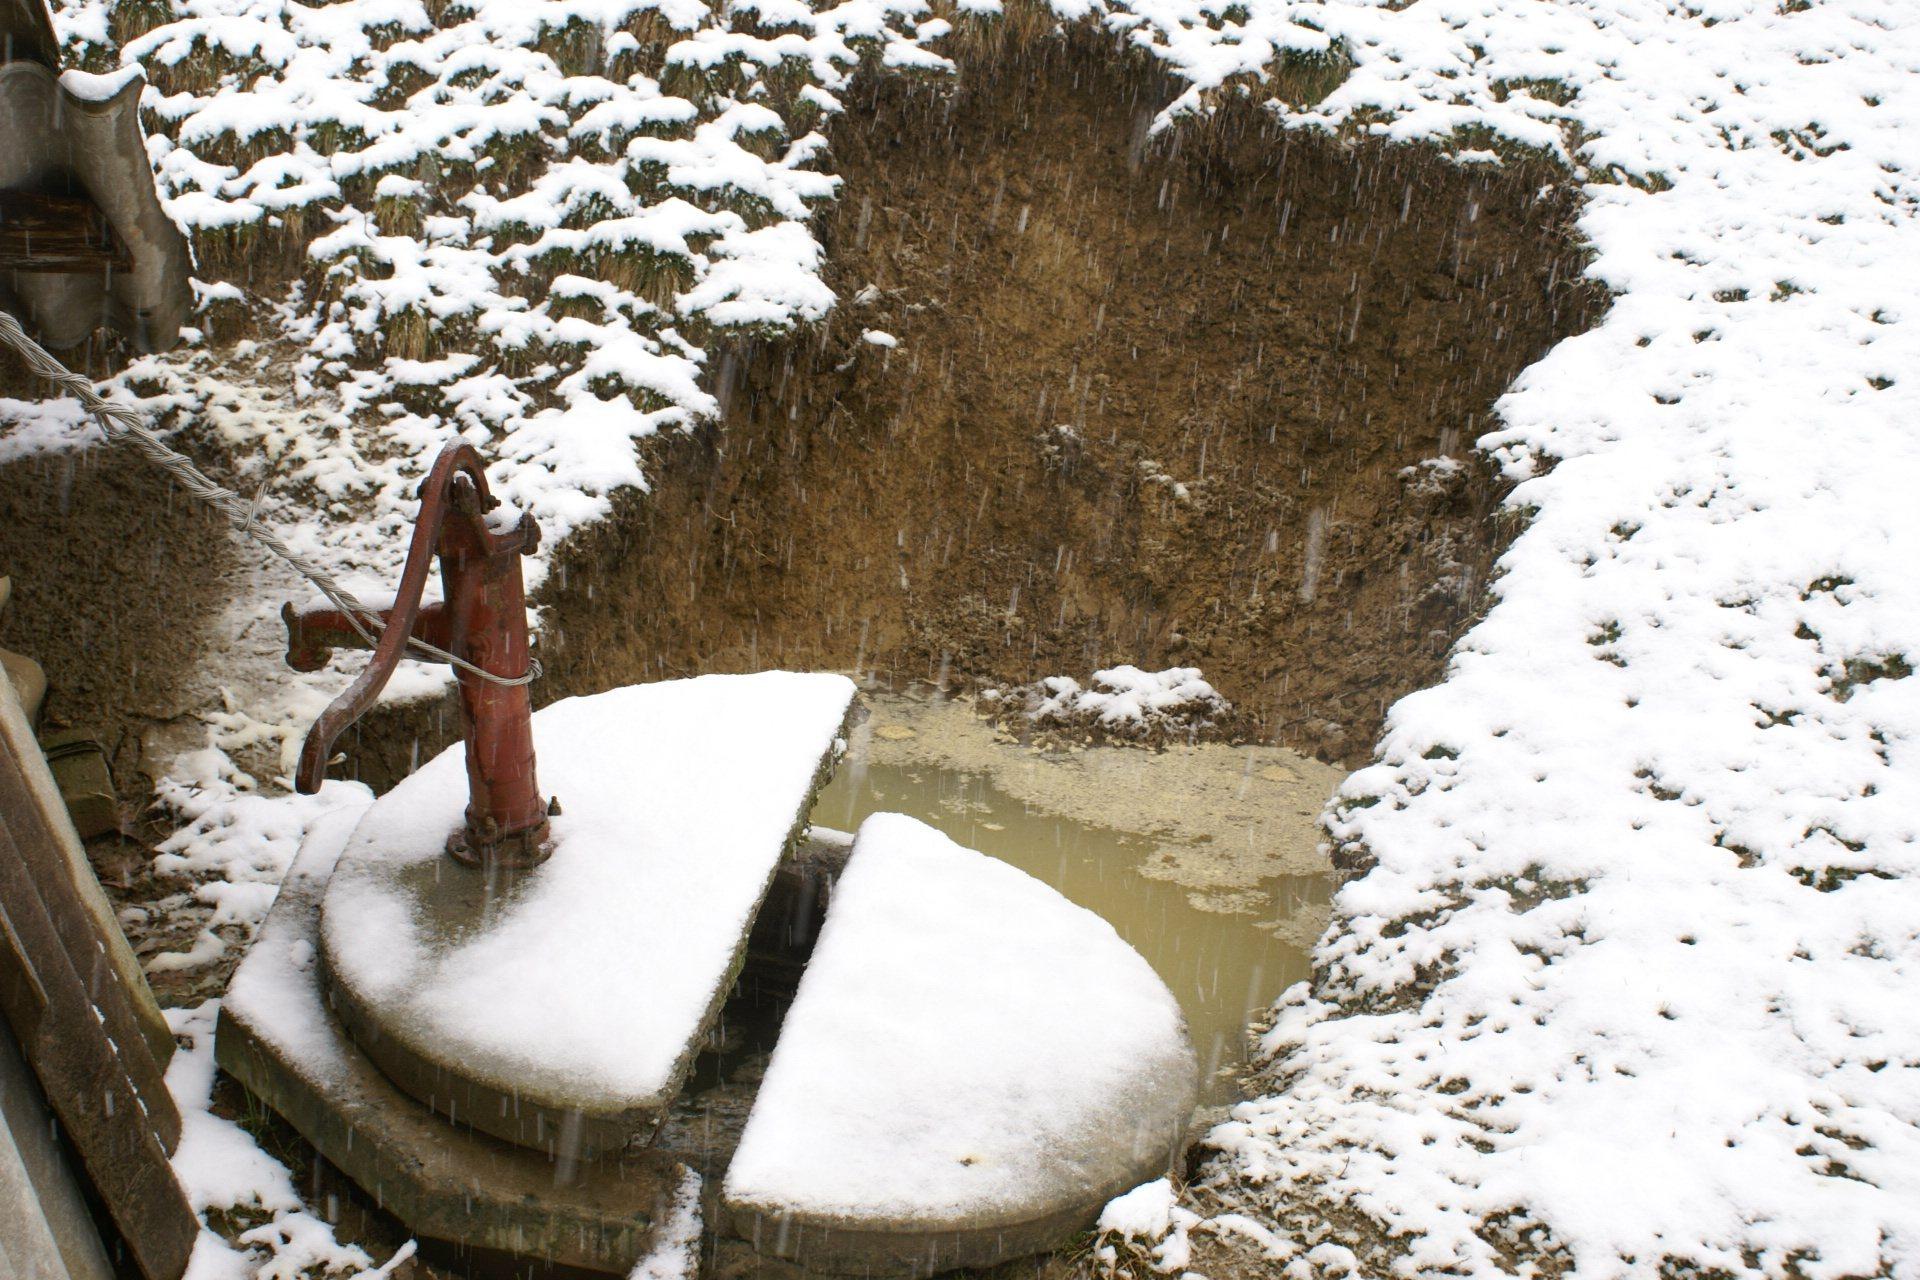 V Zgornjem Kocjanu v radenski občini je plaz premaknil studenec.